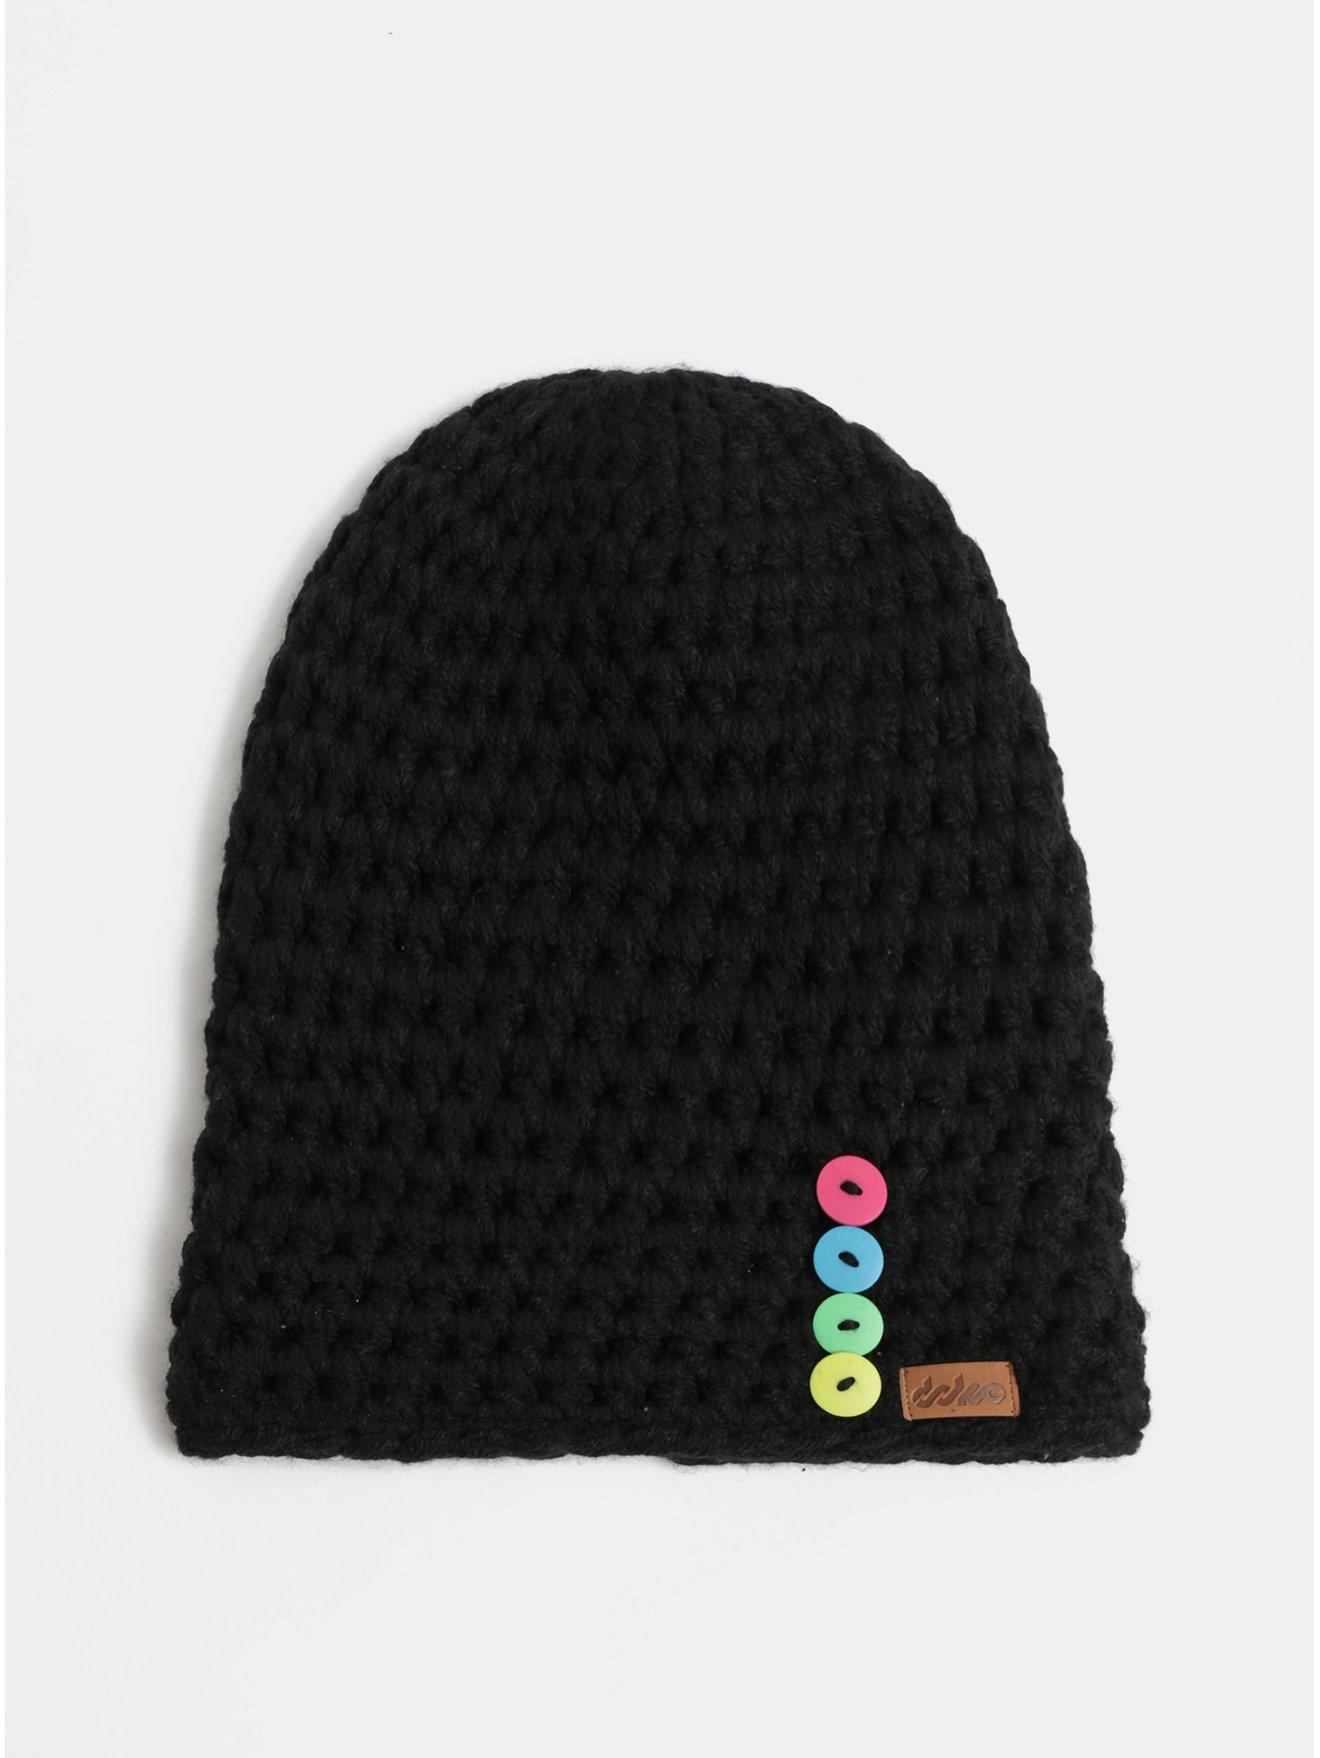 5d75d28b1 Cierna pletena zimna ciapky | Stojizato.sme.sk